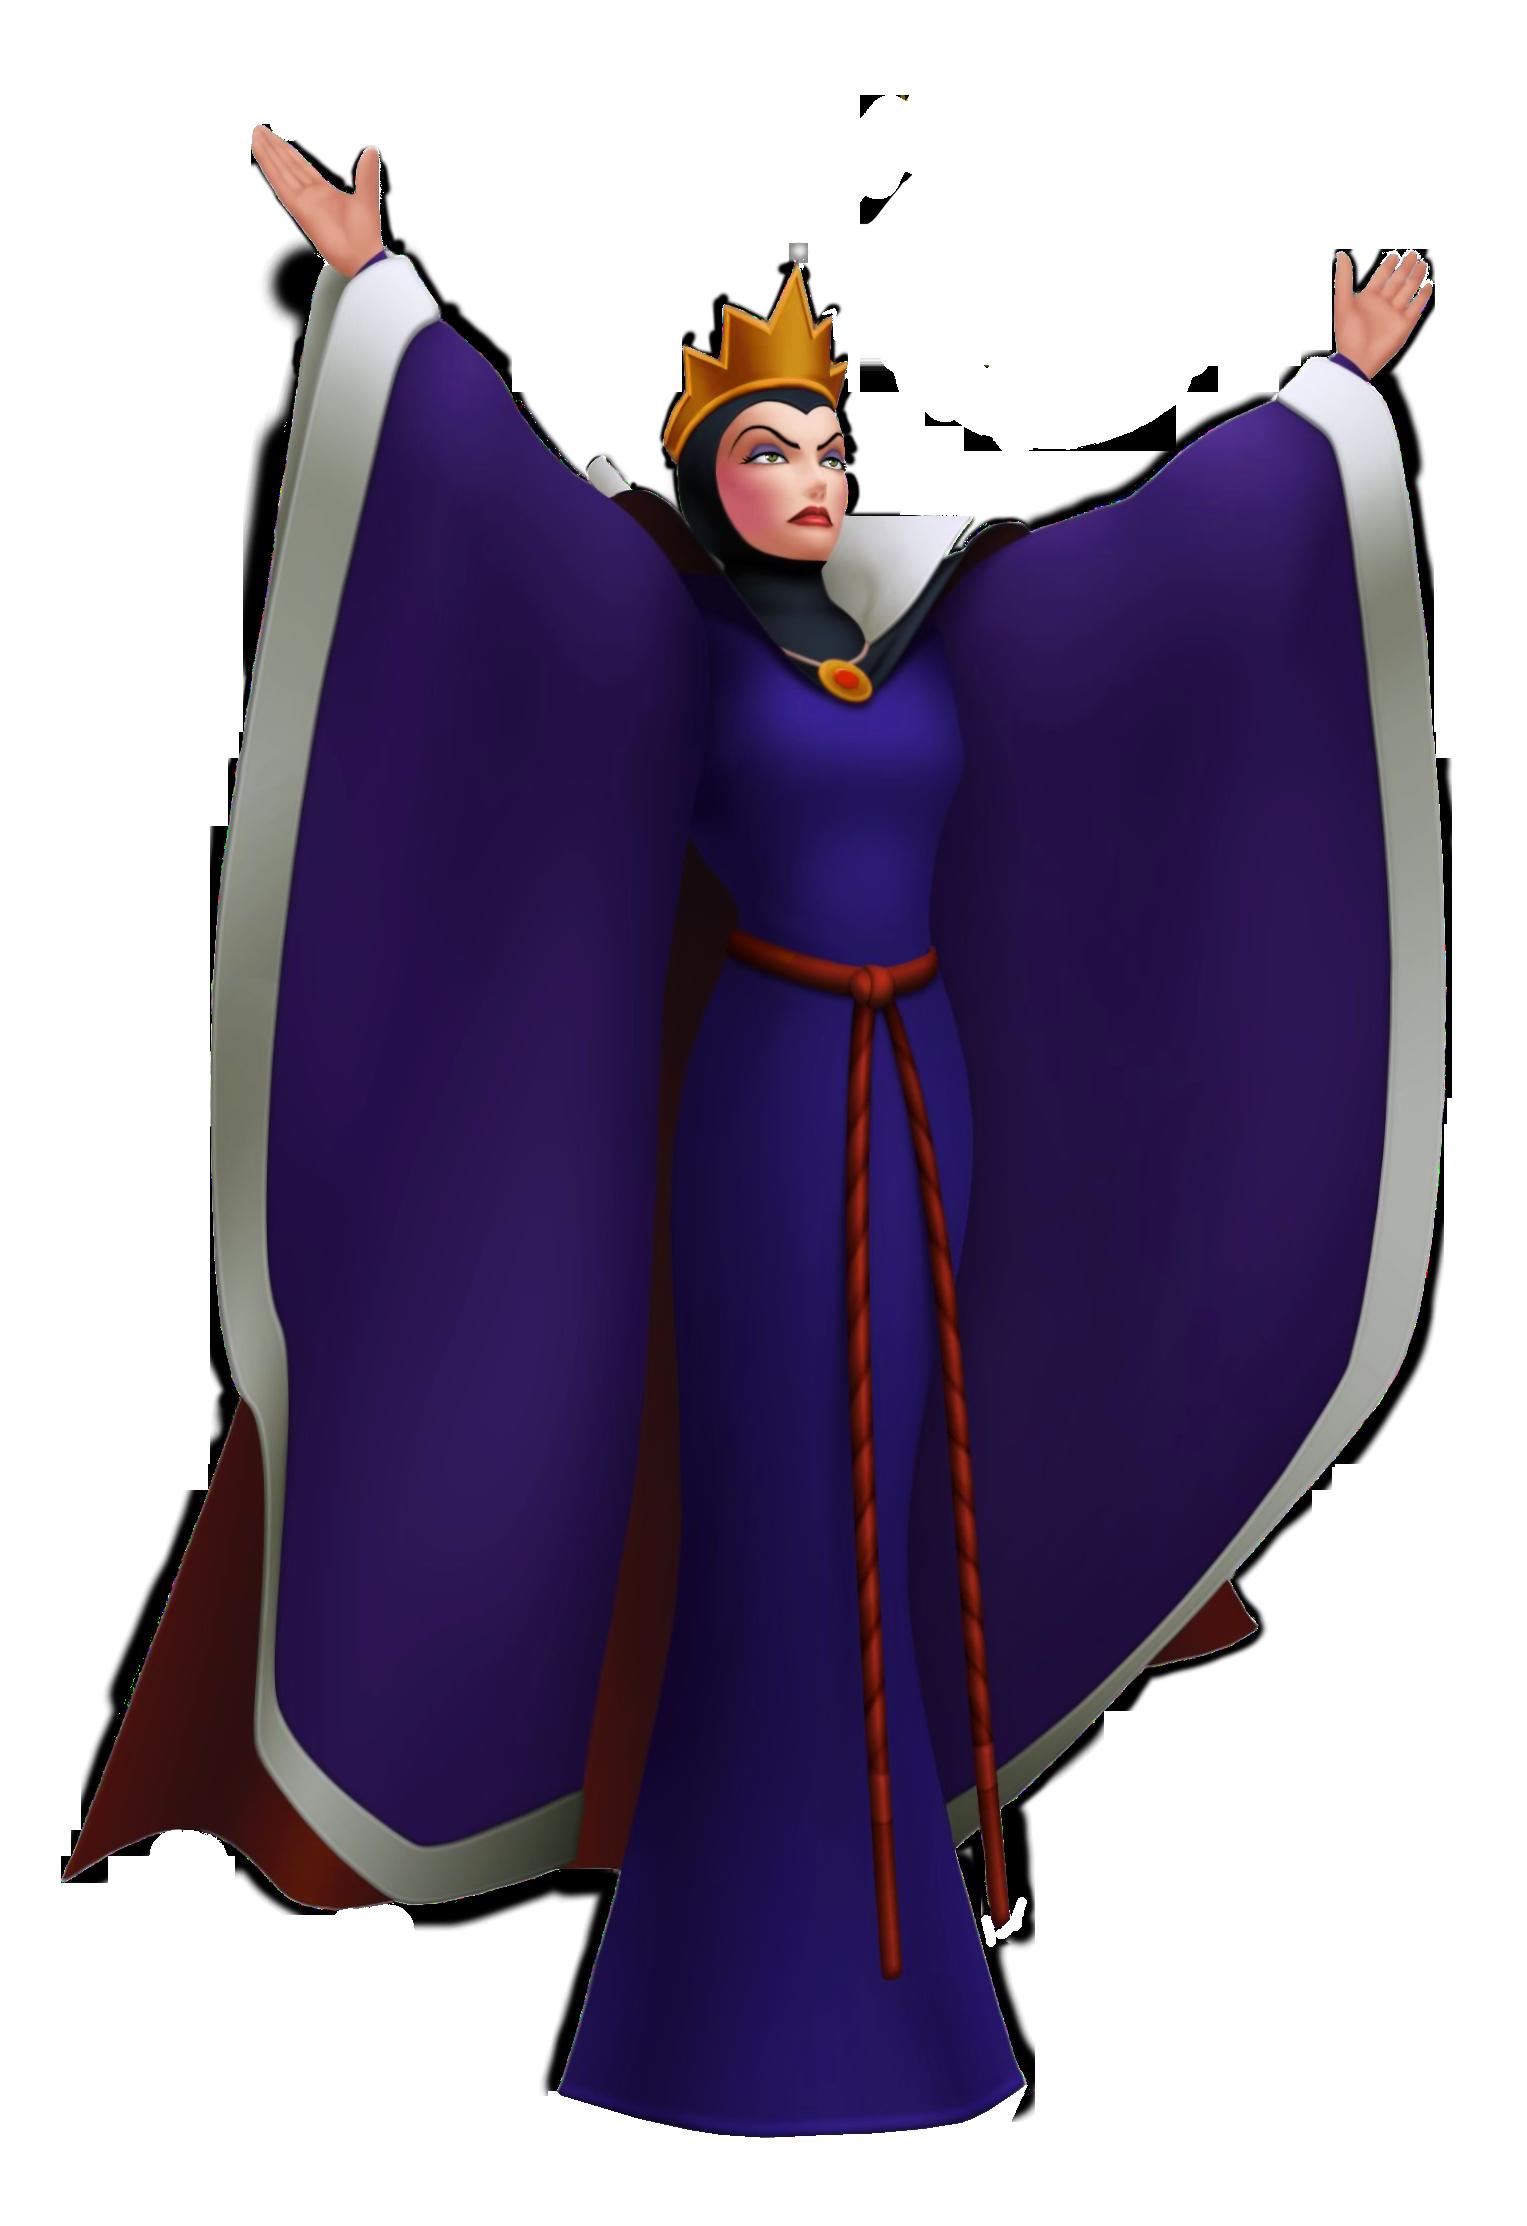 Evil Queen Grimhild Snow White Princess Png Clipart Personnage Disney La Mechante Reine Disney